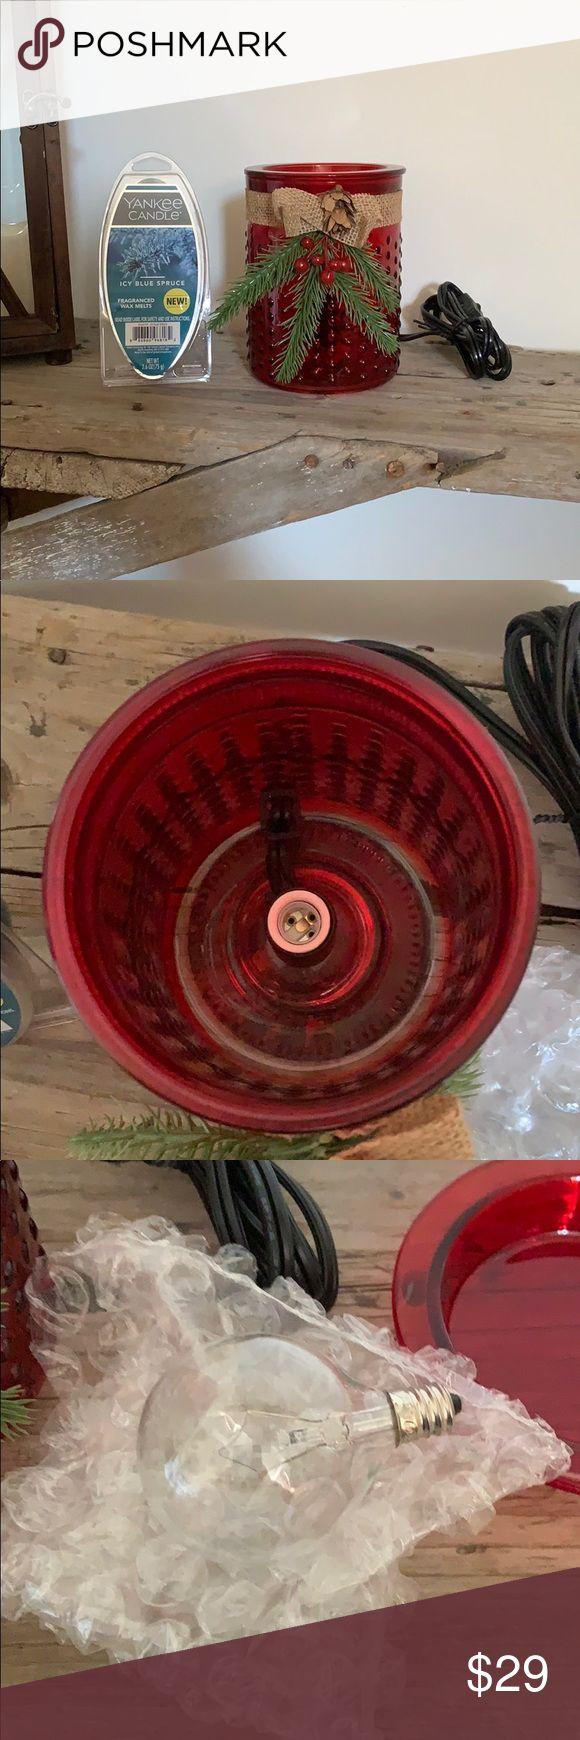 Wax Warmer with Yankee Candle Wax Melts Wax Warmer with ...